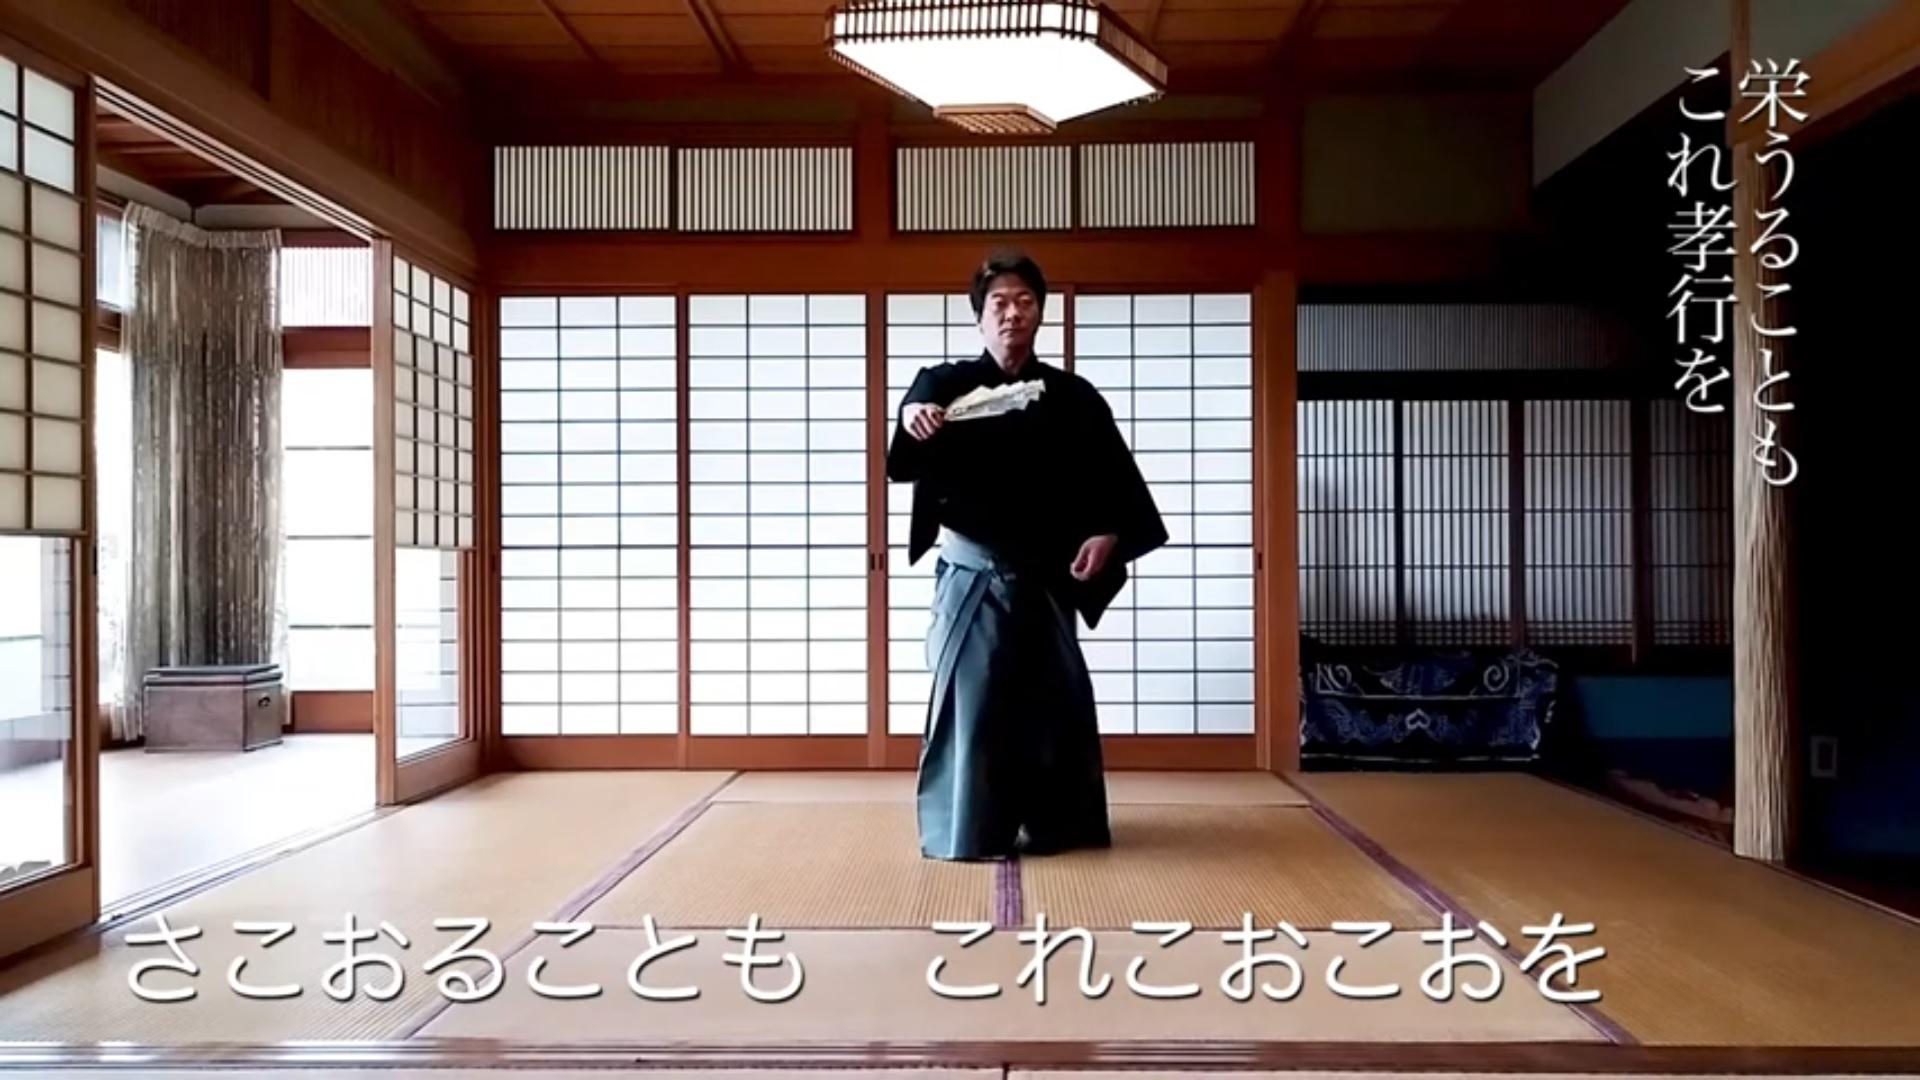 仕舞《春栄》お手本動画